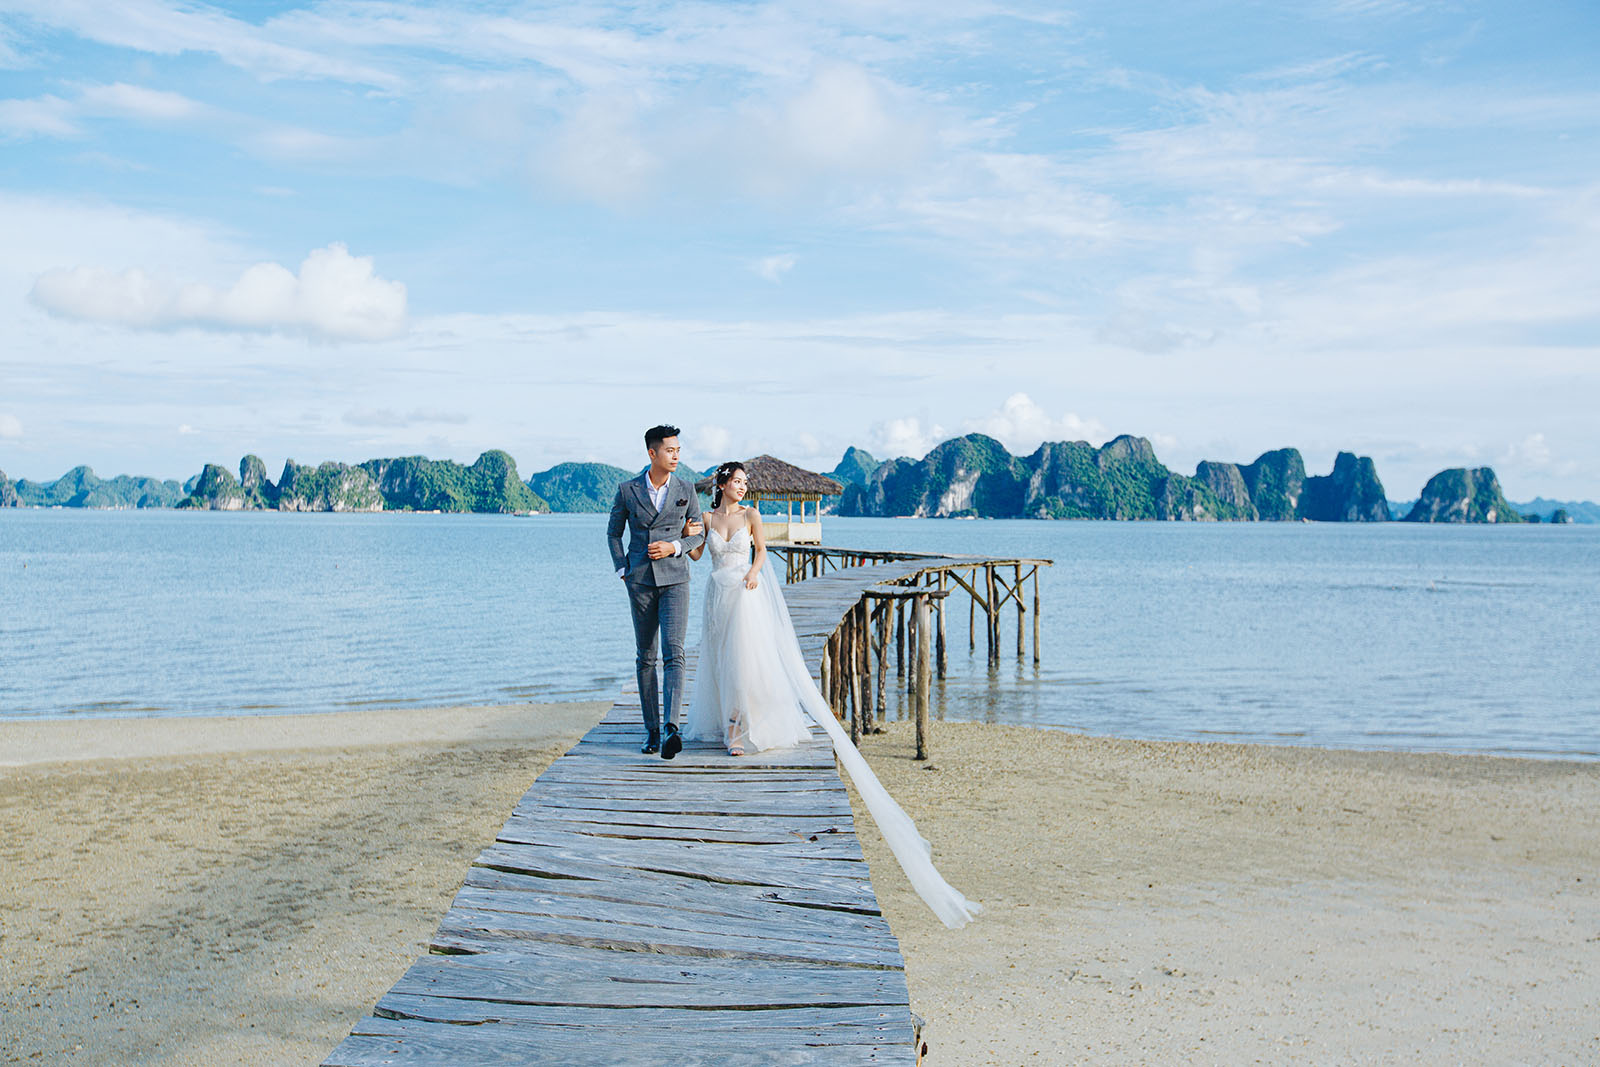 Thiên đường chụp ảnh cưới cho mọi cặp đôi – Cô Tô